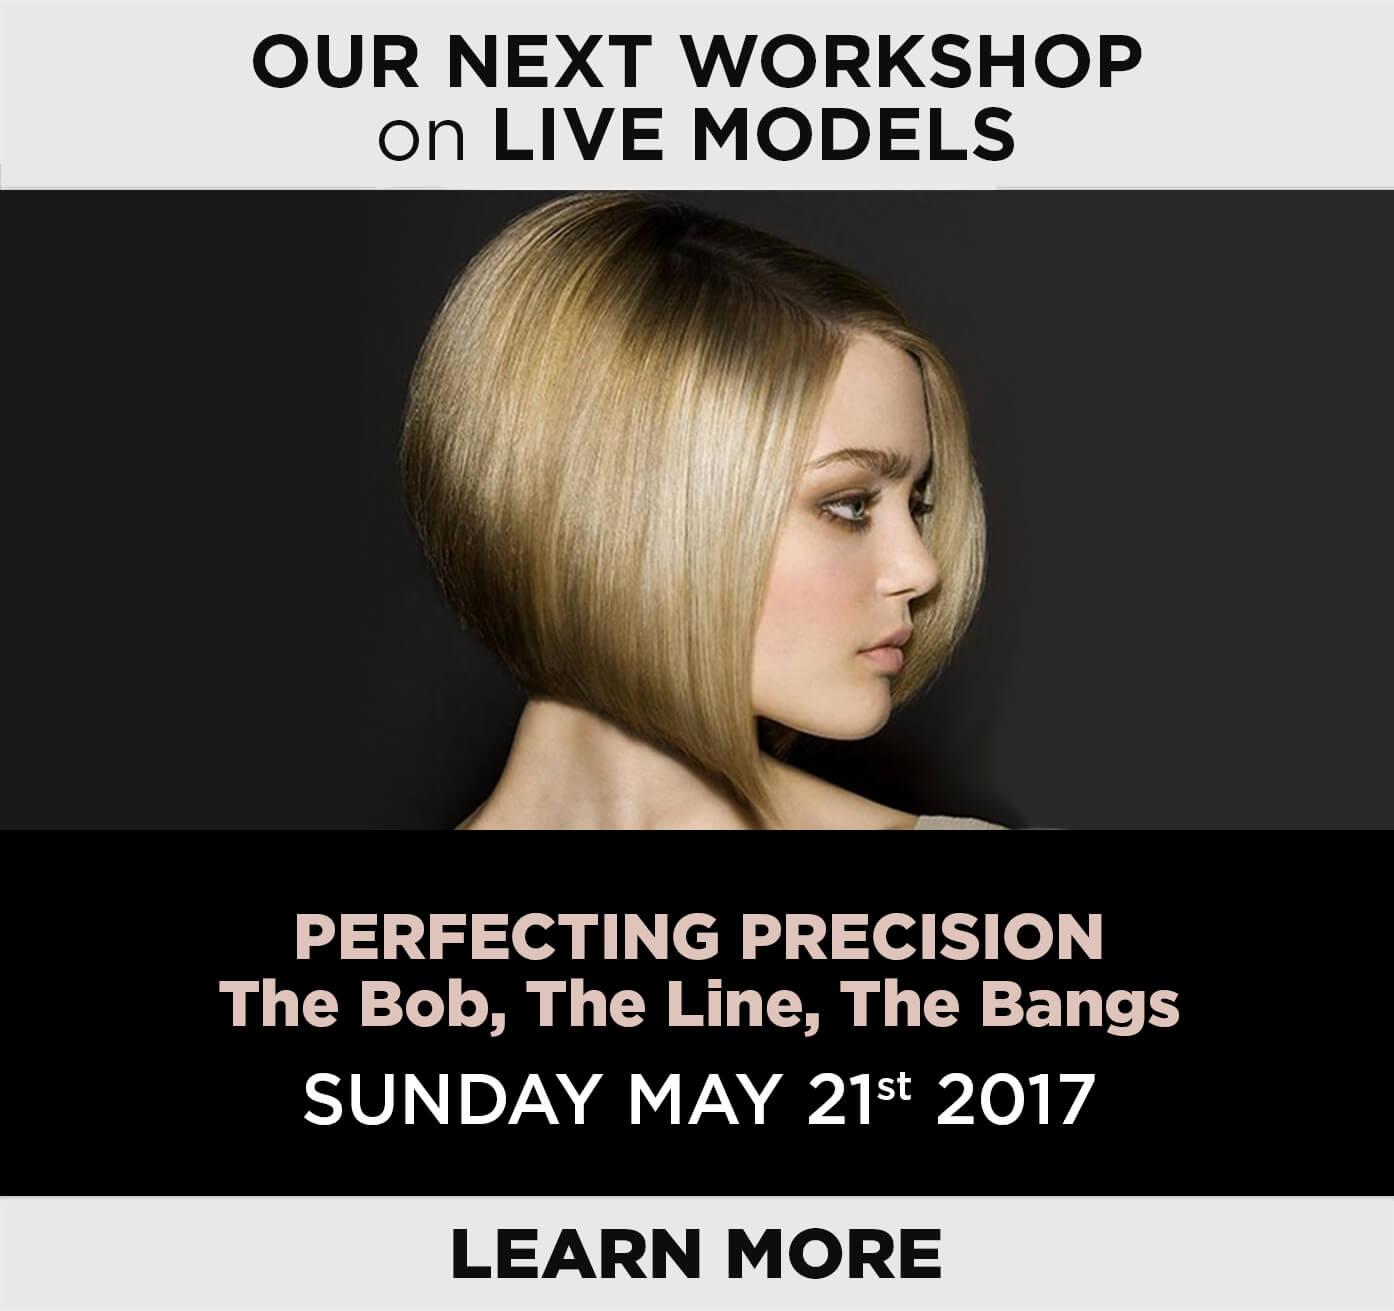 upcoming hands-on workshop